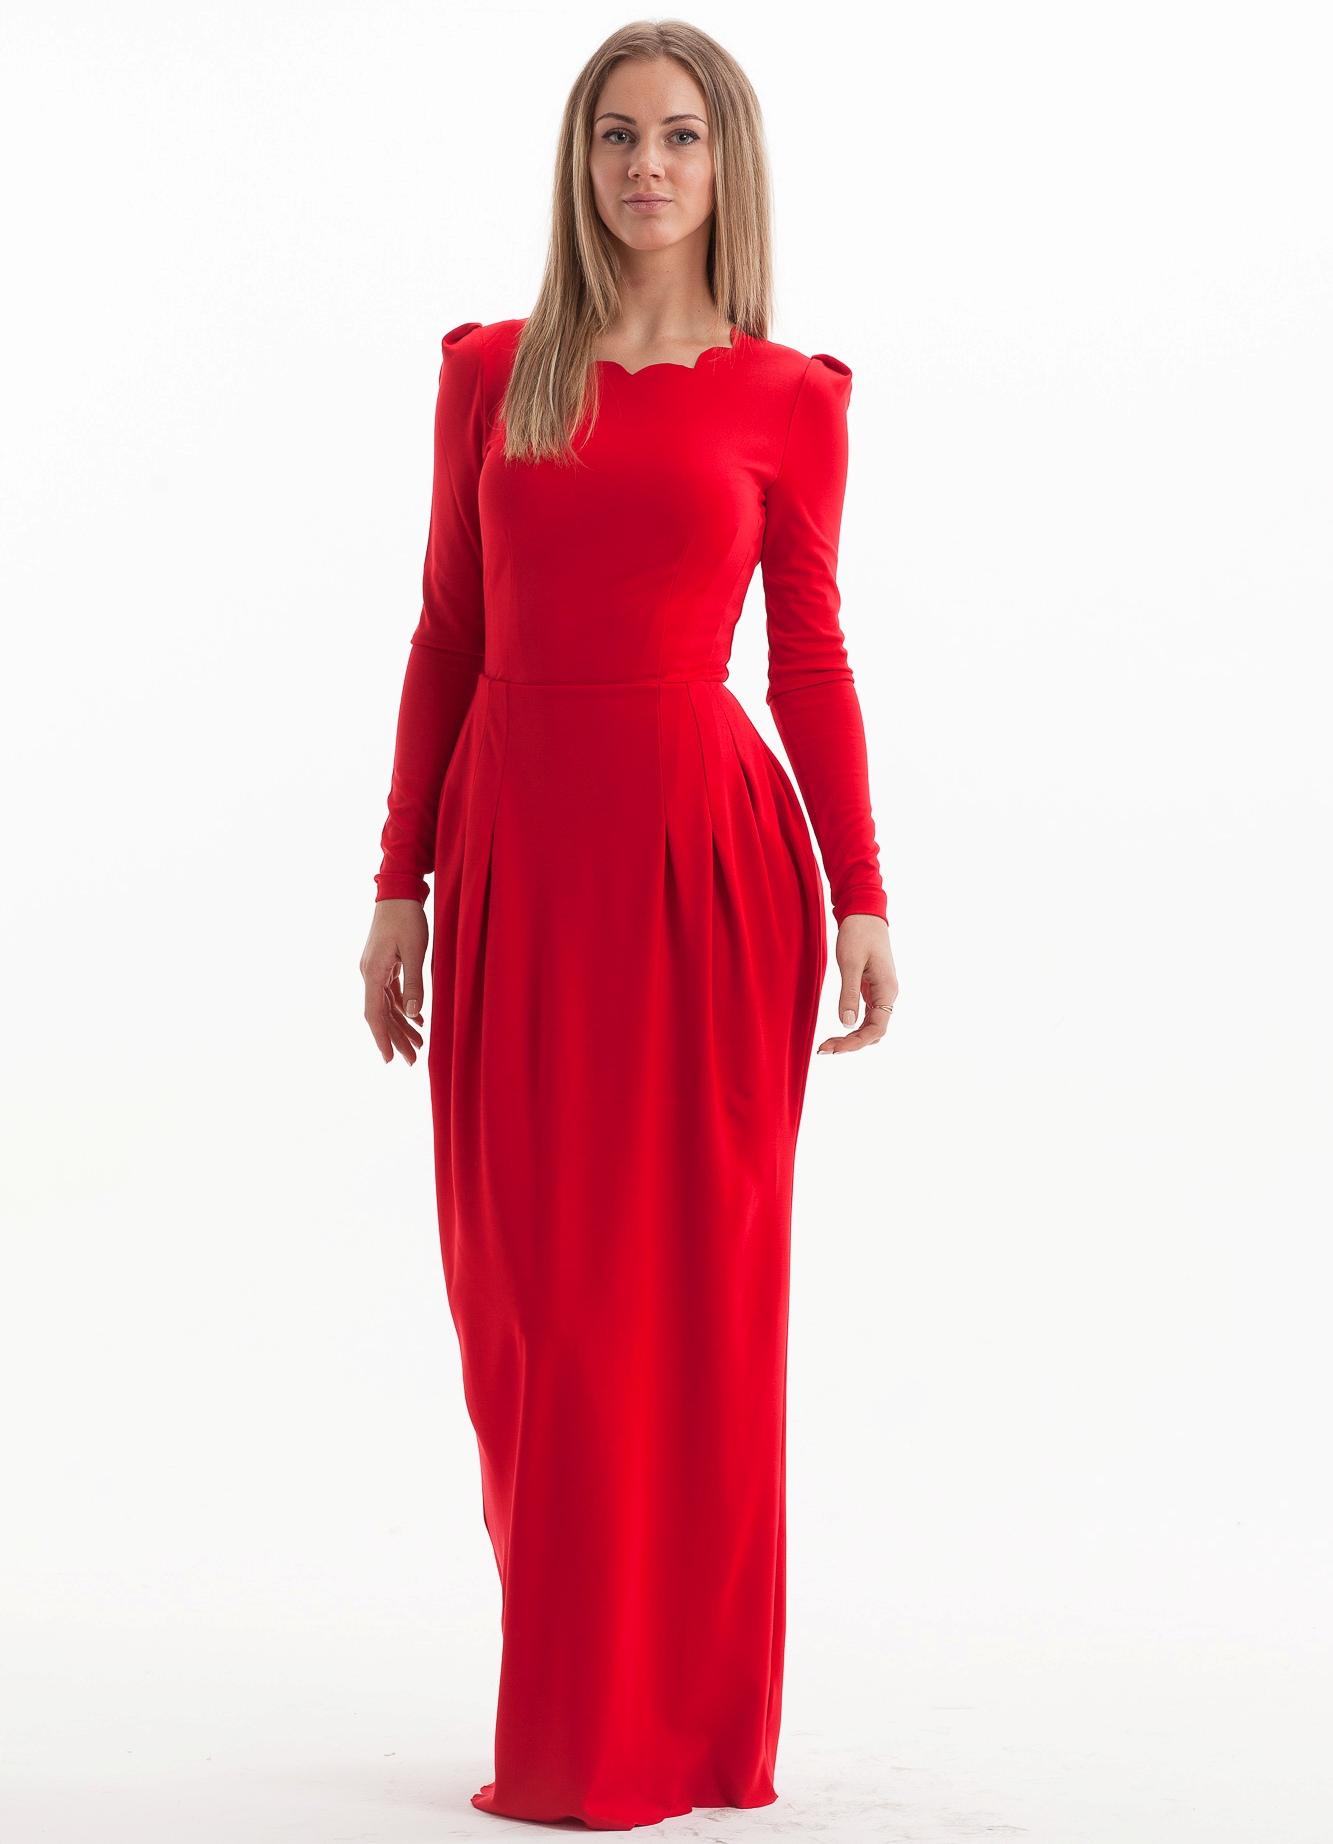 спорту объединяет красивые длинные платья с длинными рукавами фото фотоплитки, абсолютно